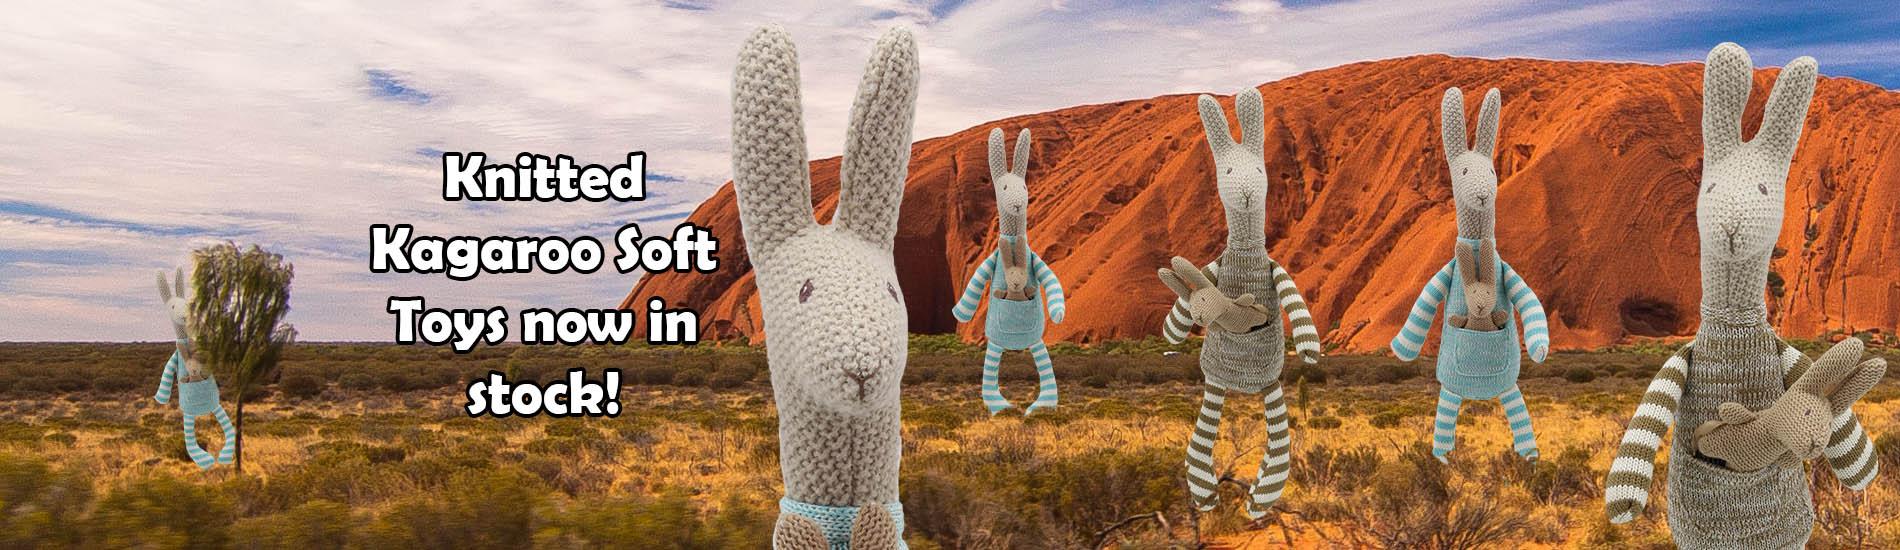 knited-kangaroos